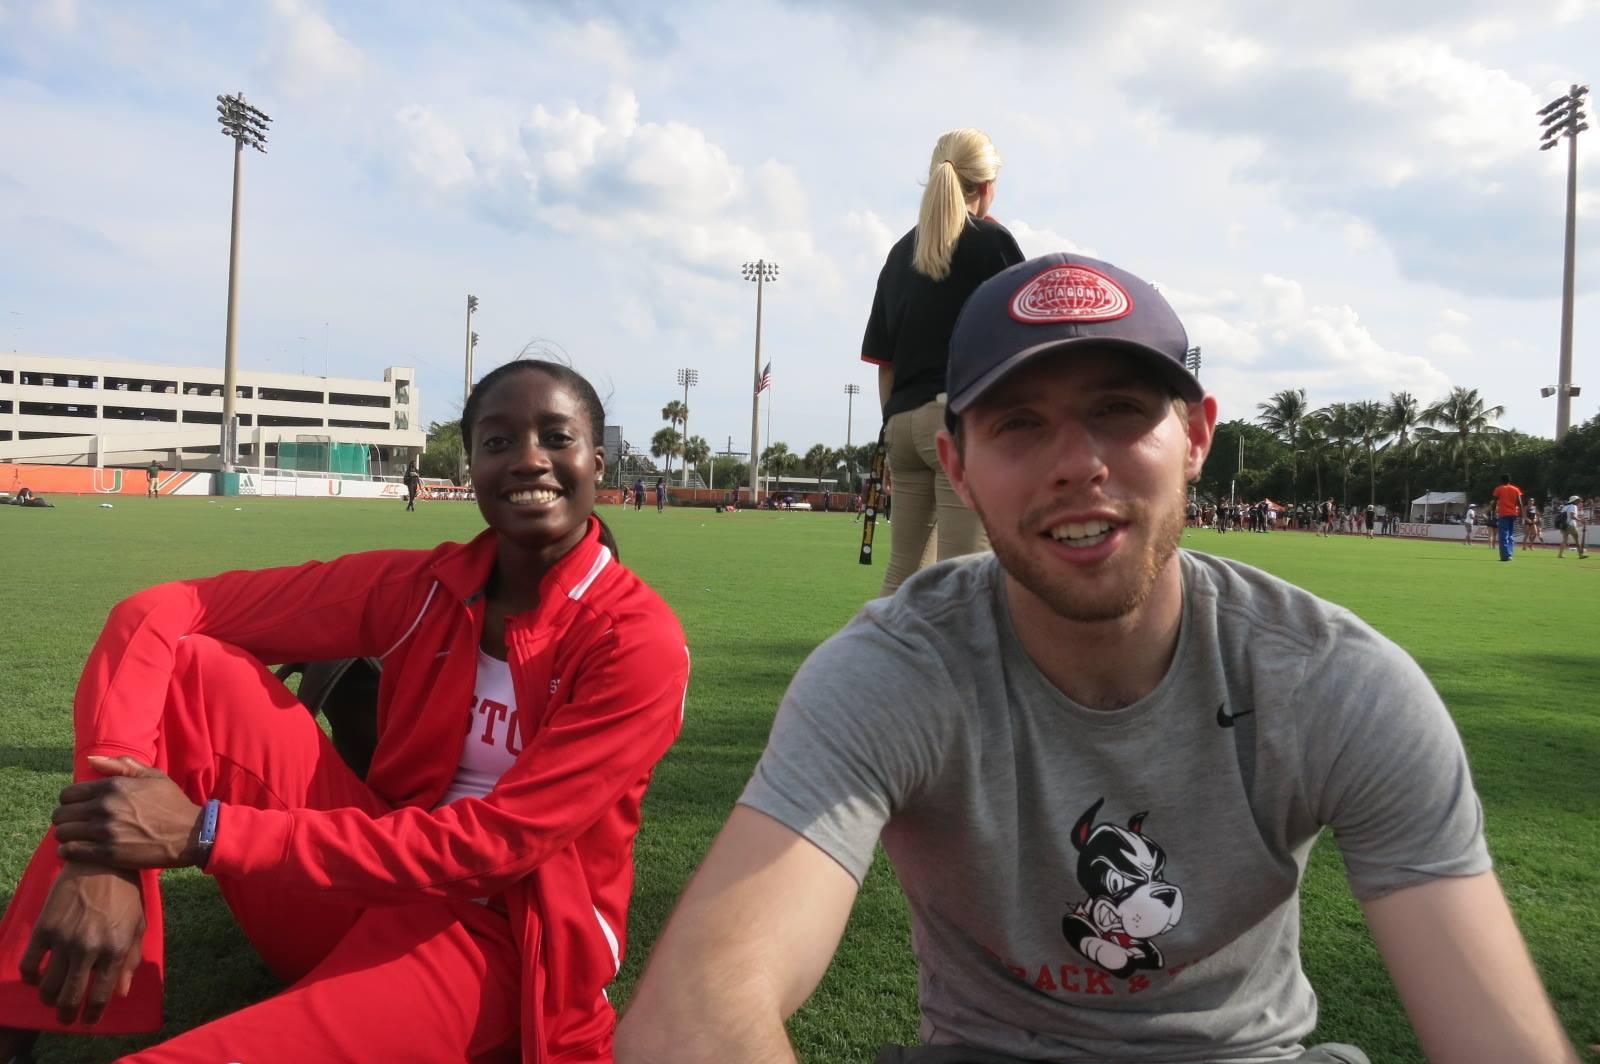 Djenne and David at Miami Hurricane Invite